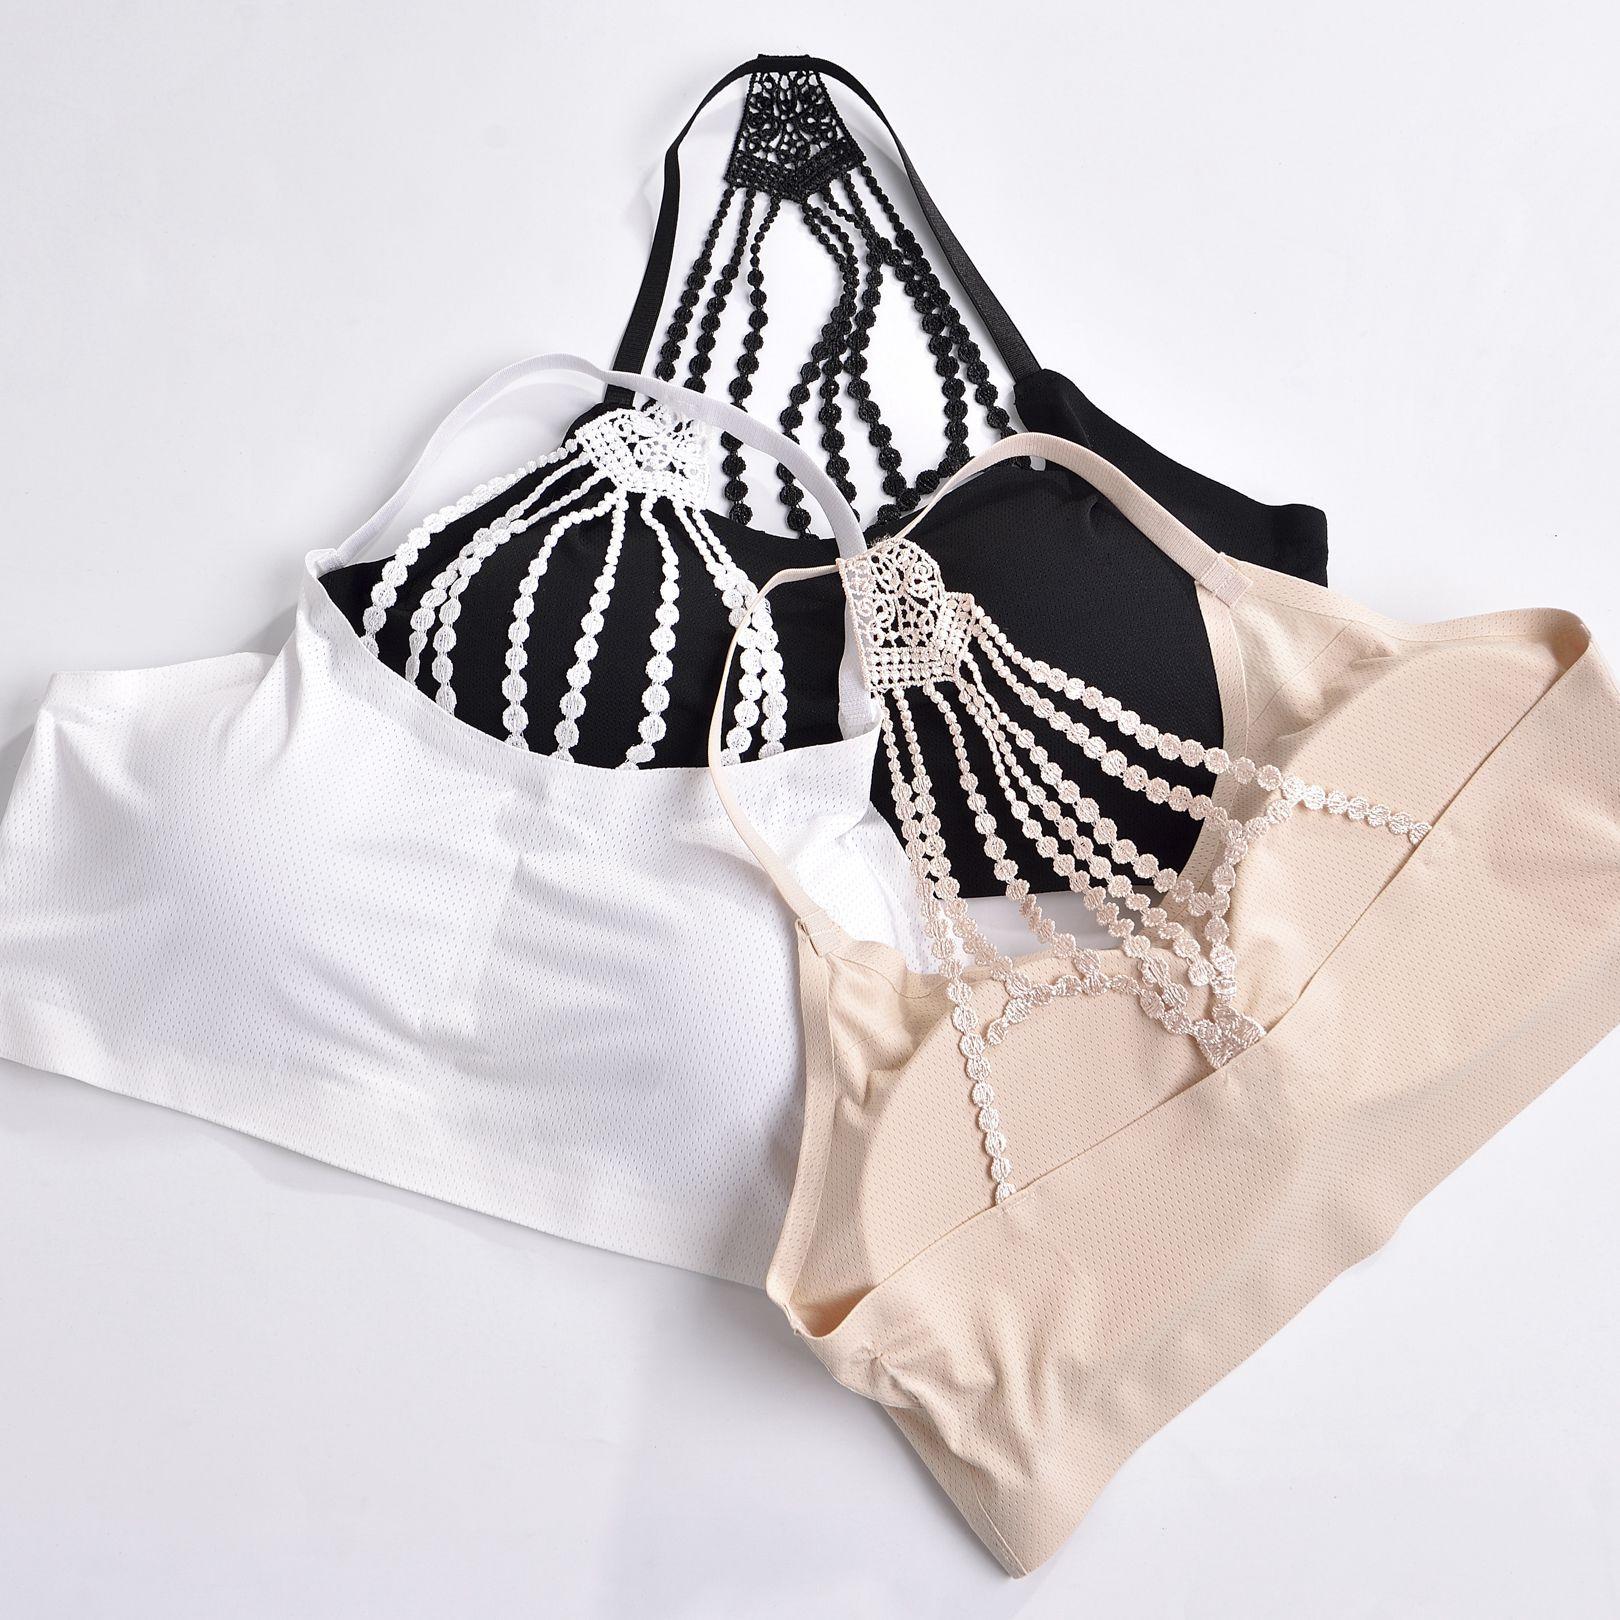 裹胸帶胸繡花內衣背心夏季走光抹胸冰絲無痕美背防女士